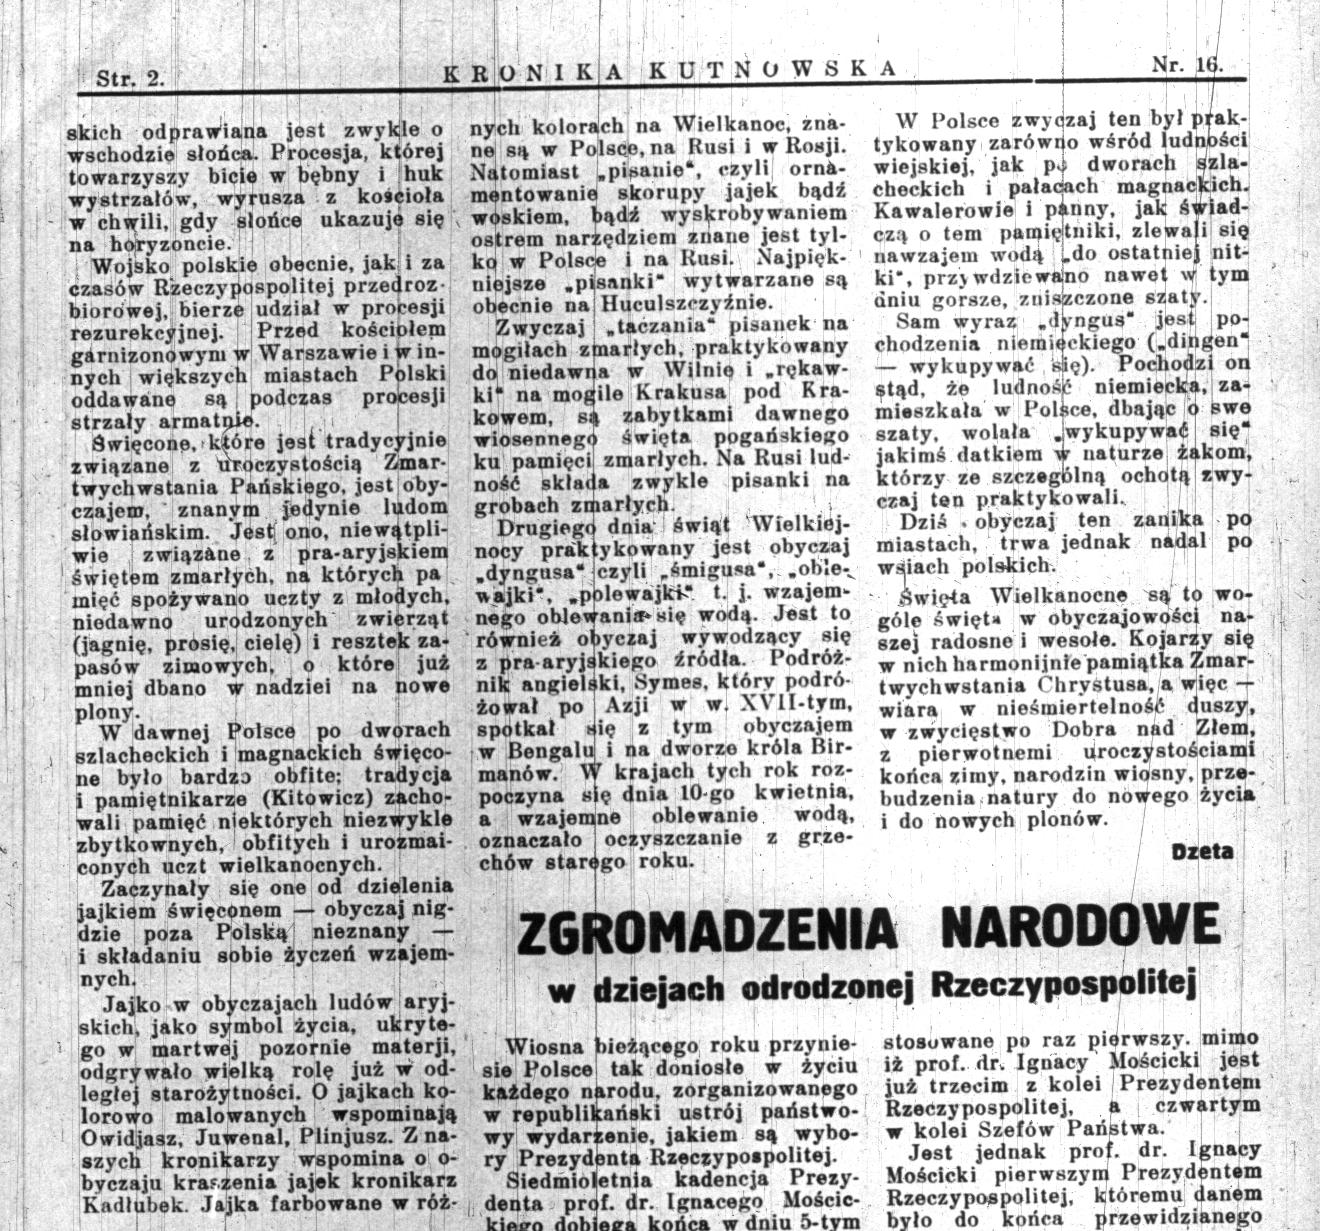 Images: ZWYCZAJE WIELKANOCNE 1933 KRONIKA KUTNOWSKA 2.jpg